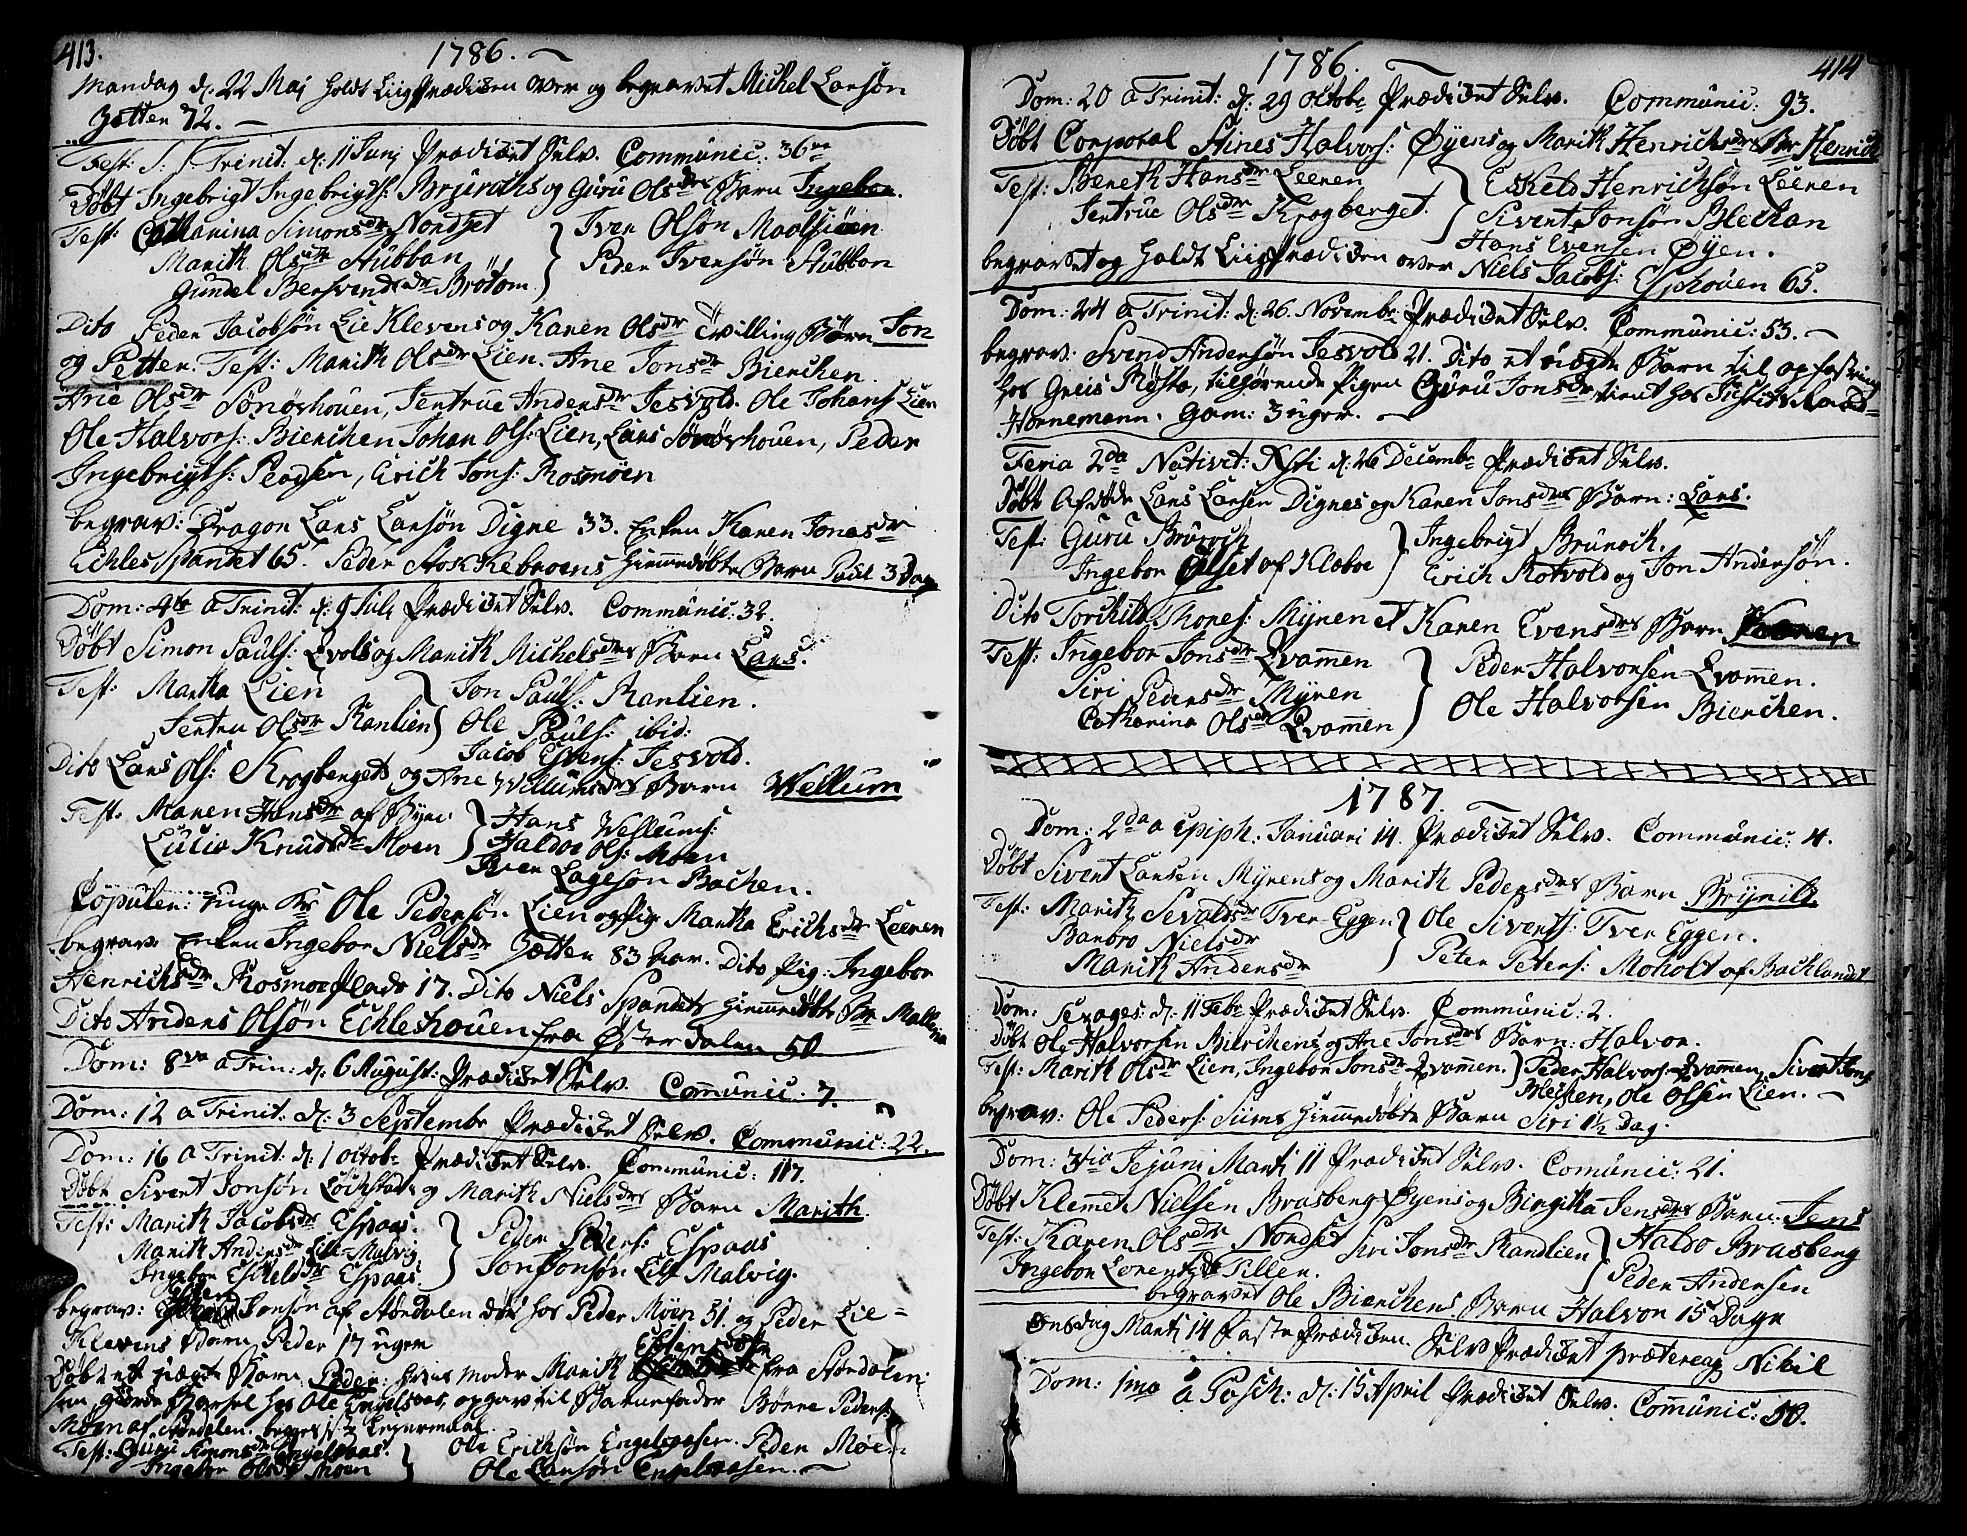 SAT, Ministerialprotokoller, klokkerbøker og fødselsregistre - Sør-Trøndelag, 606/L0282: Ministerialbok nr. 606A02 /3, 1781-1817, s. 413-414